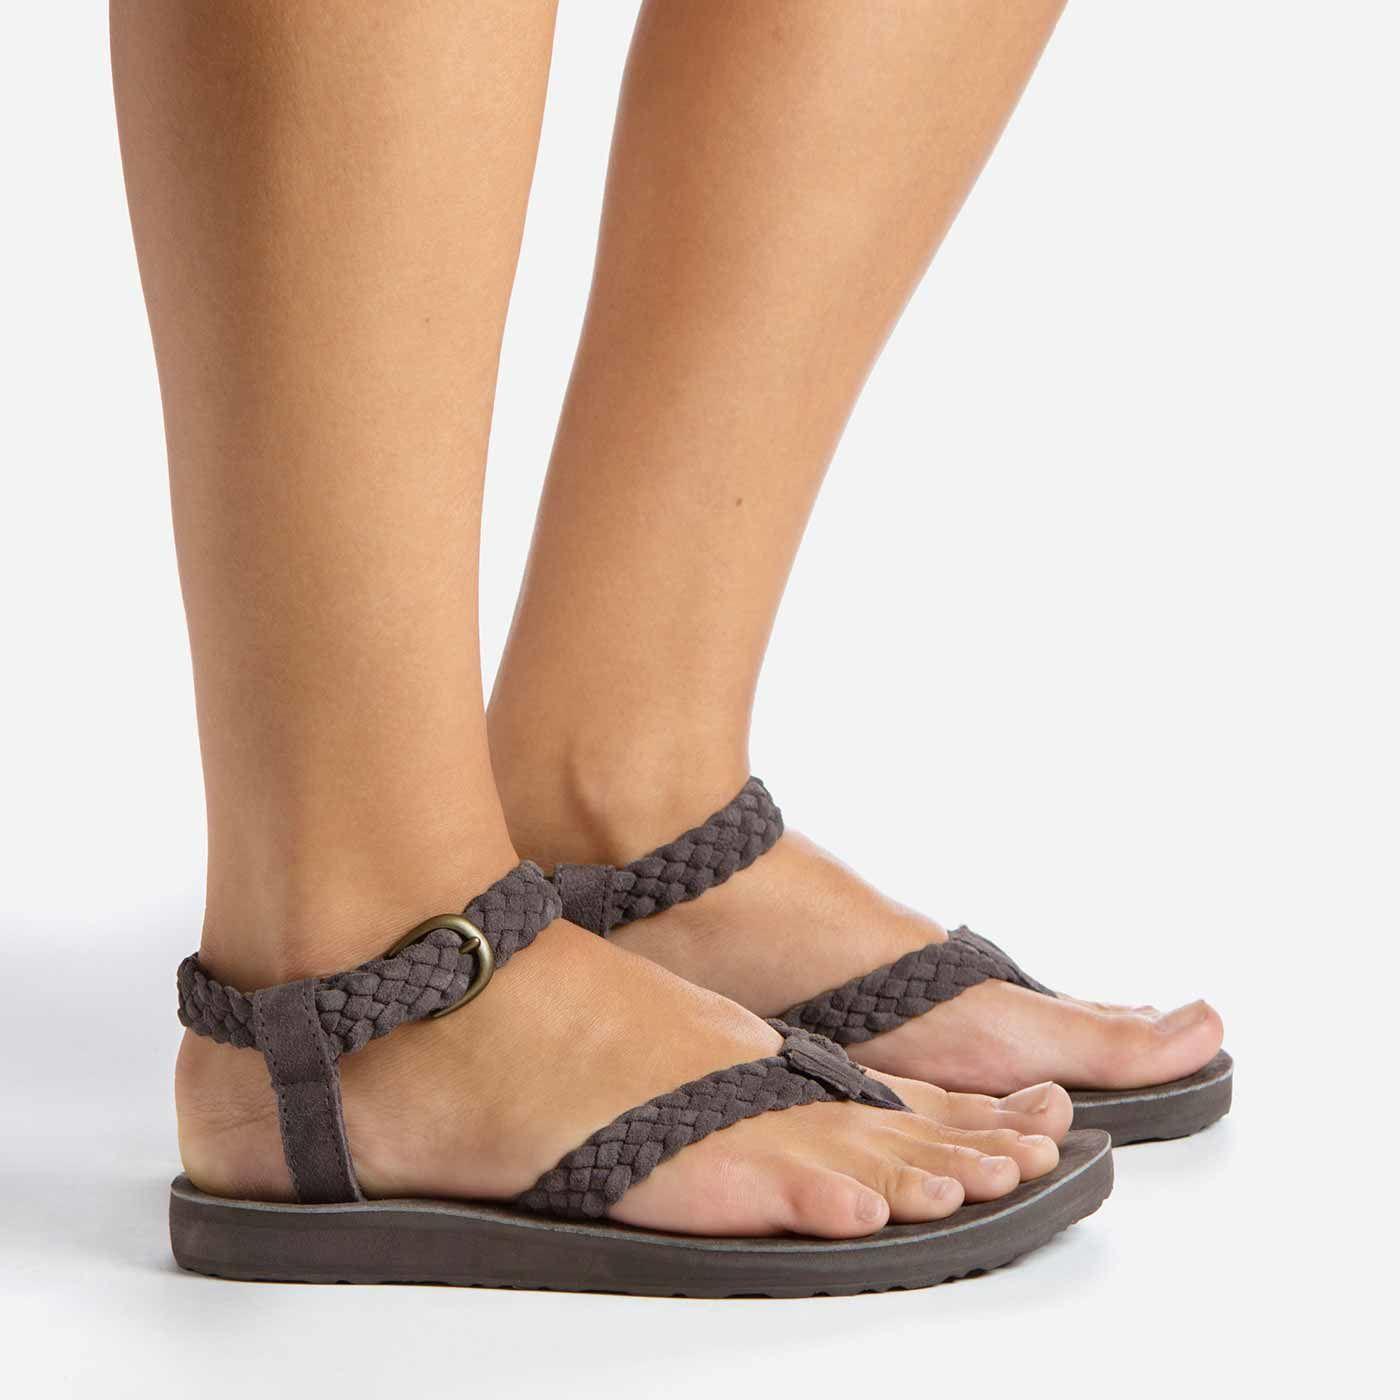 Teva® Women's Original Sandal Suede Braid Sandal | Teva.com